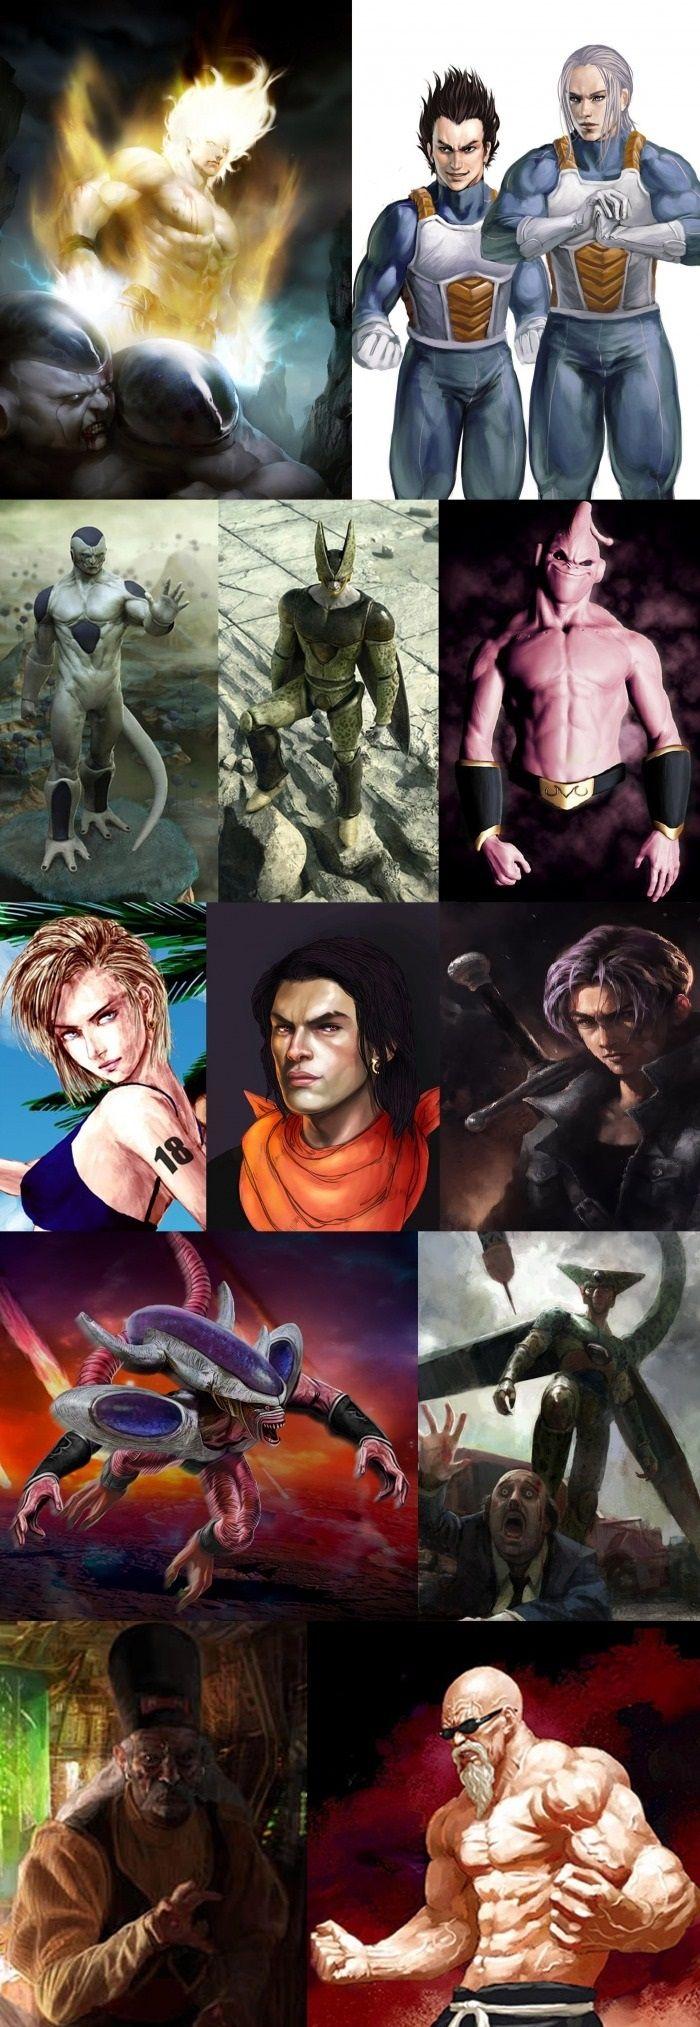 Dragon Ball Z Realistic Art Dragon ball art, Dragon